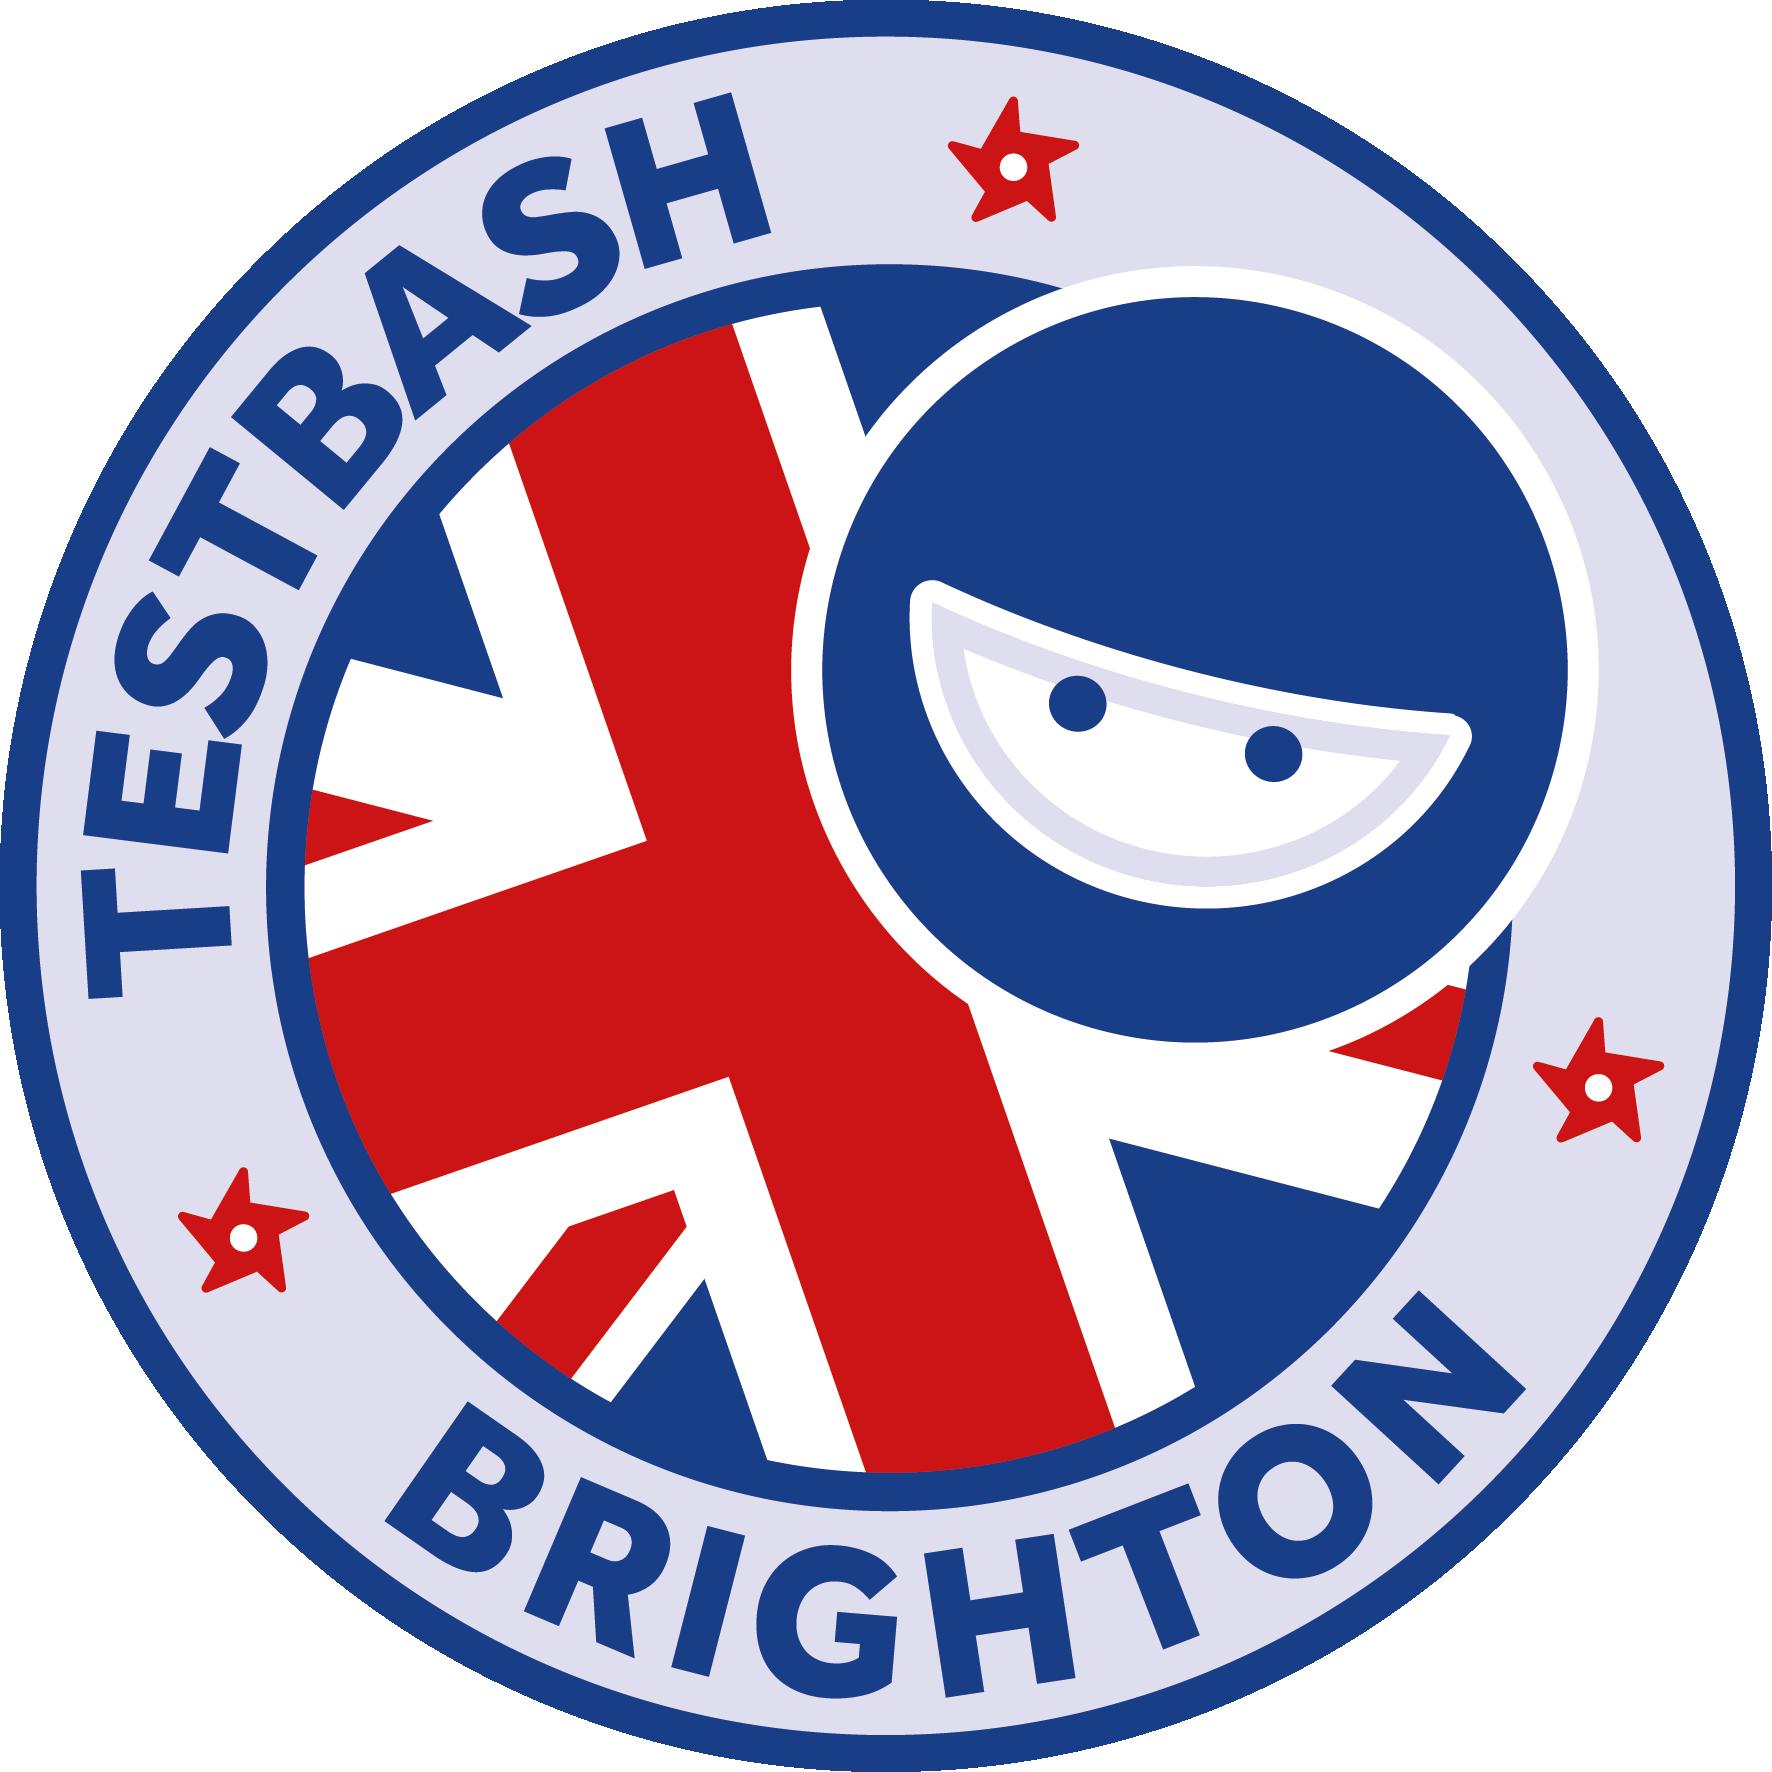 TestBash Brighton 2020 logo